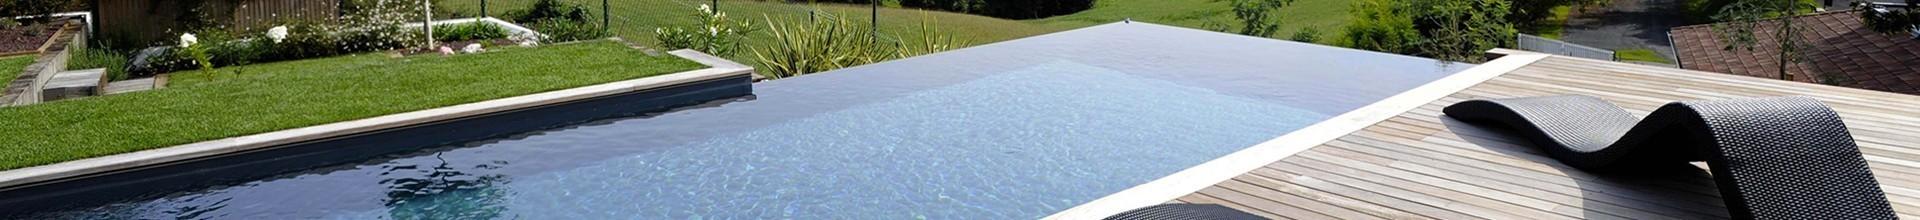 Aude Occitanie nettoyage d'une piscine en béton, robuste, durable